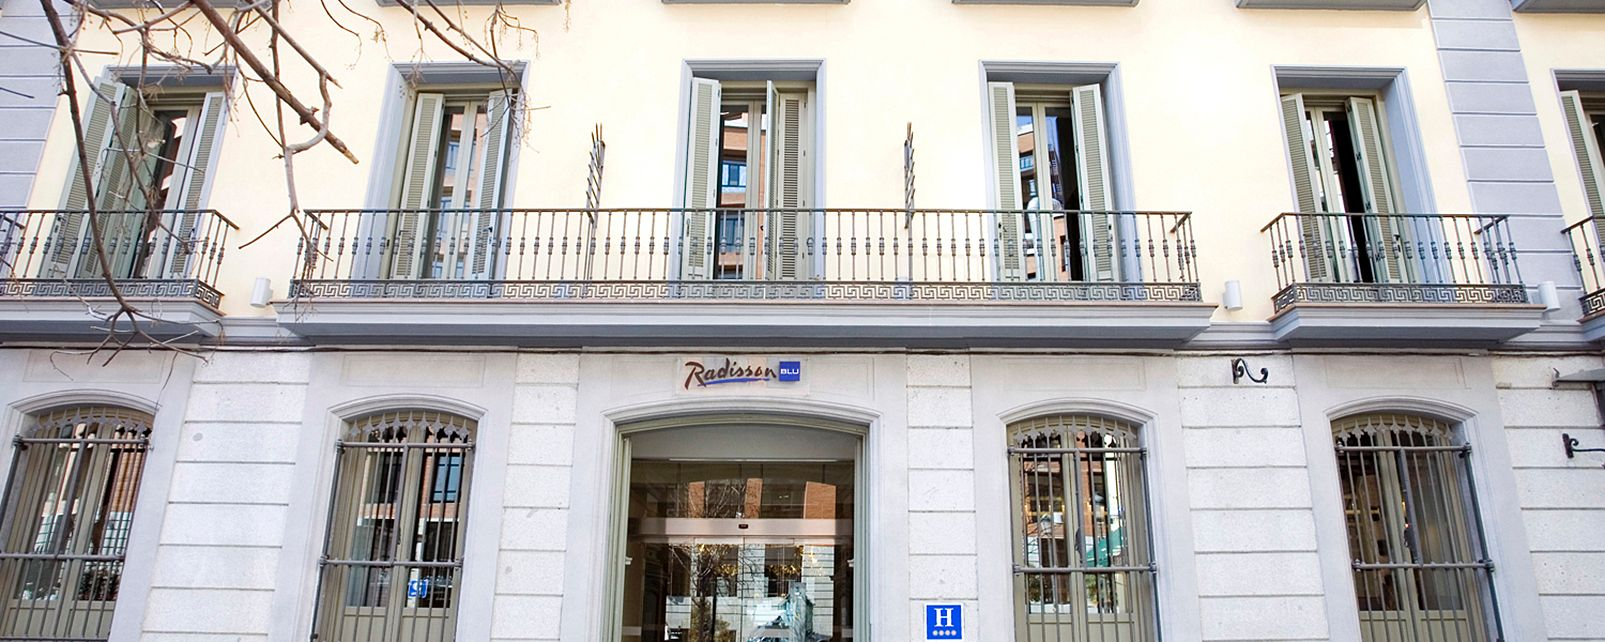 Hôtel Radisson Blu Madrid Prado